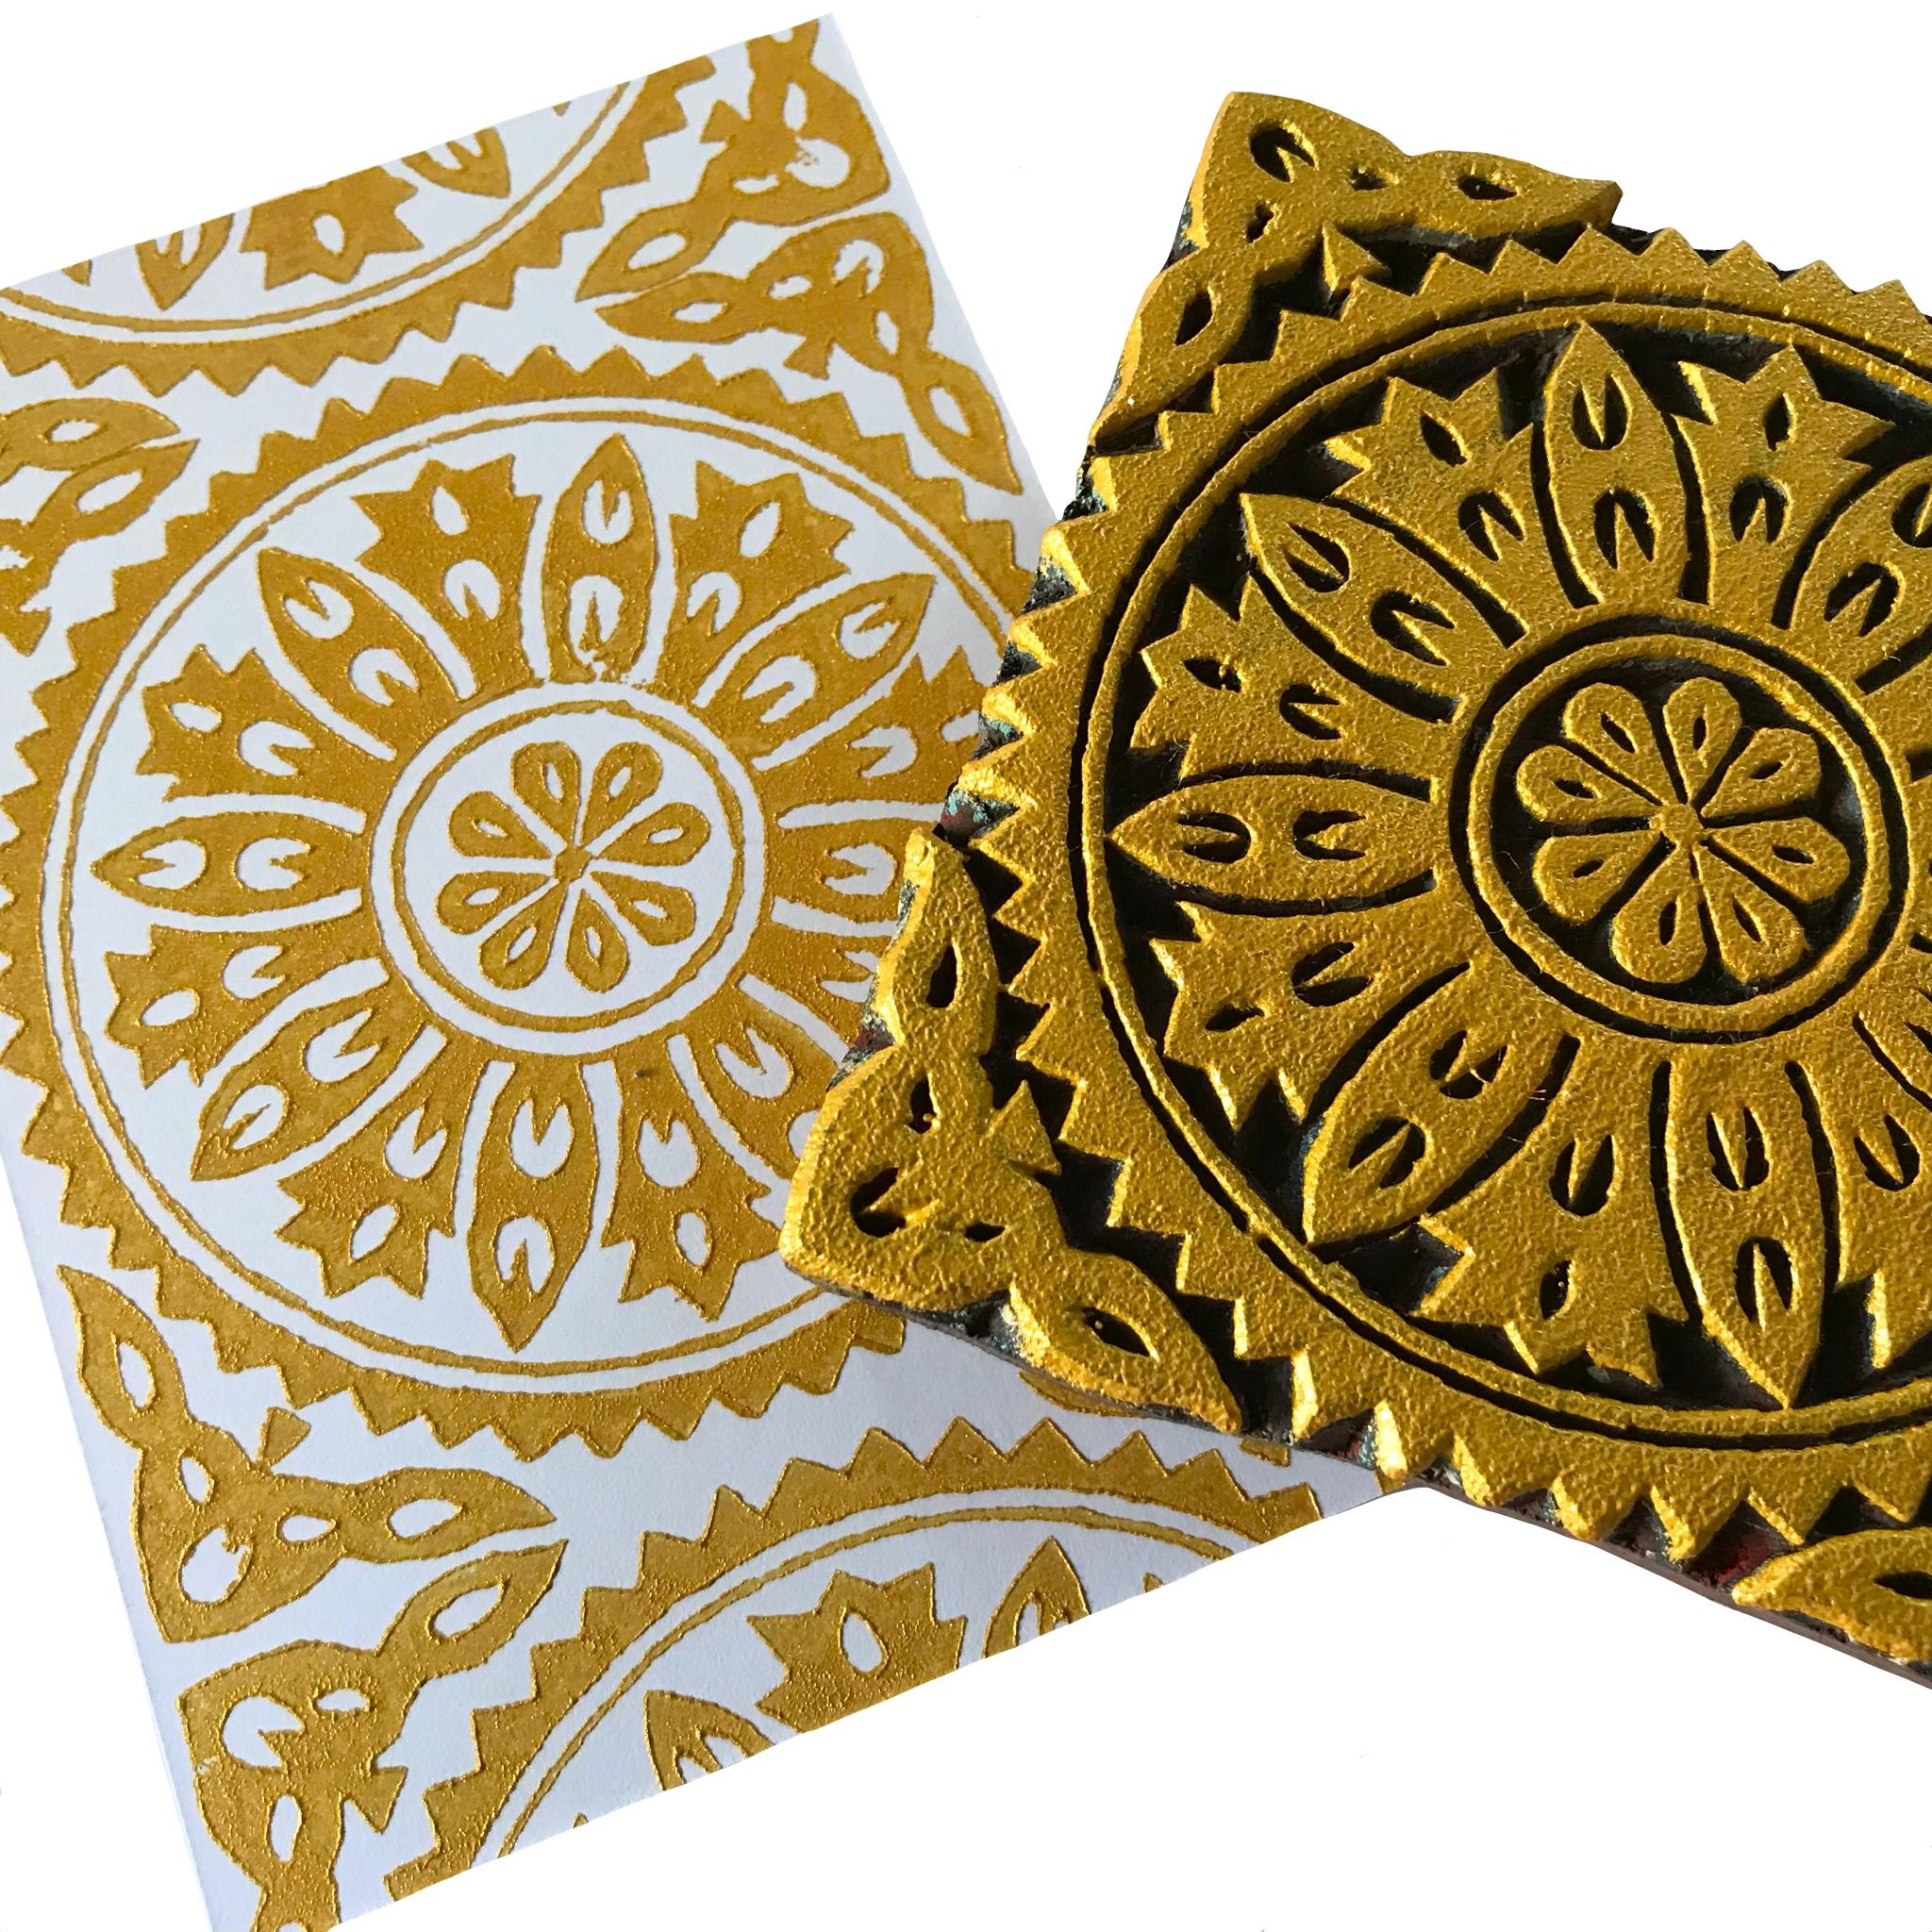 Papier, Postkarten selber bedrucken mit indischen Holzstempel